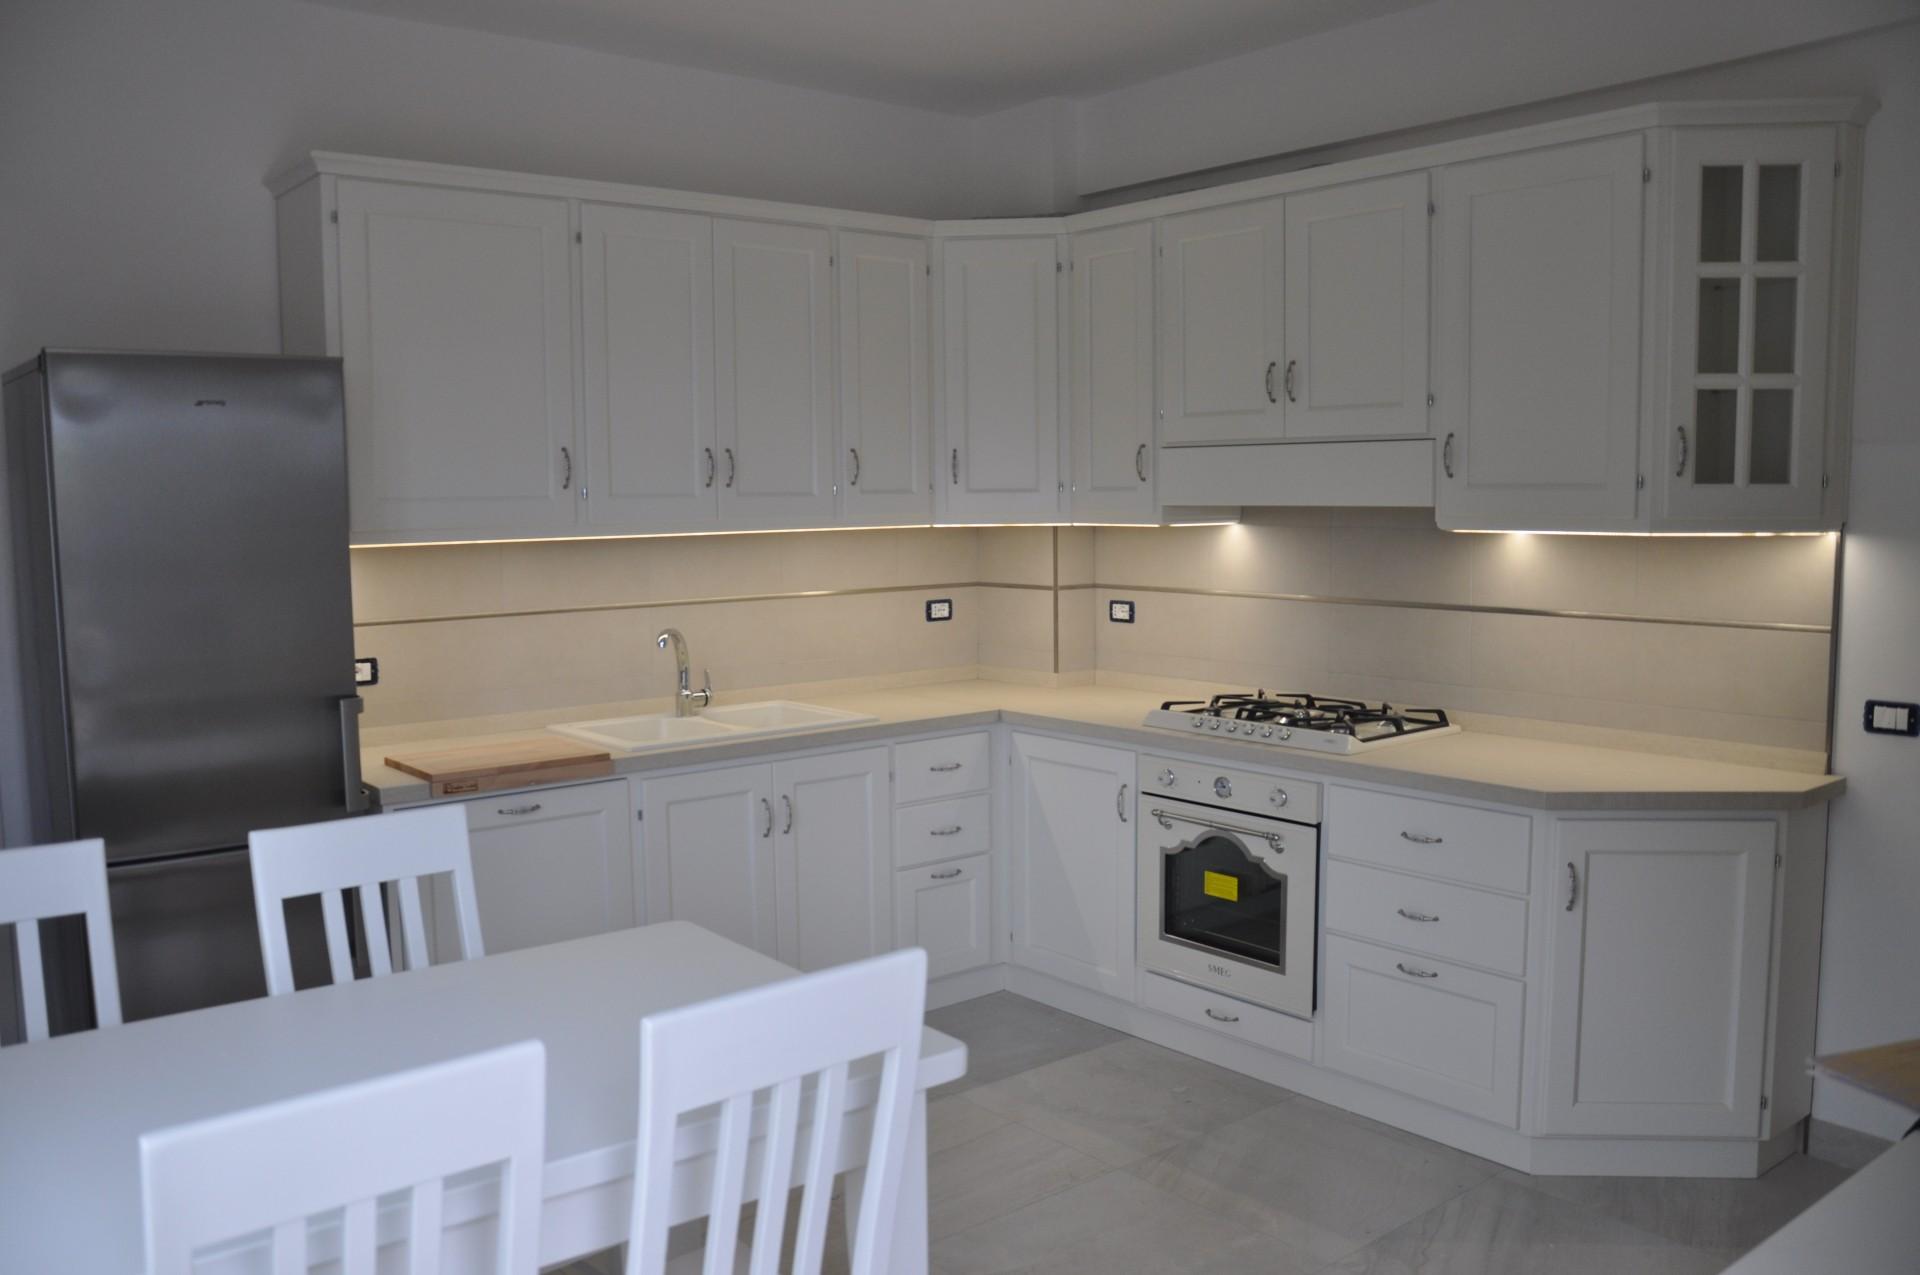 Bancone In Legno Costruito Artigianalmente : Cucina artigianale costruita su misura in legno di rovere fadini